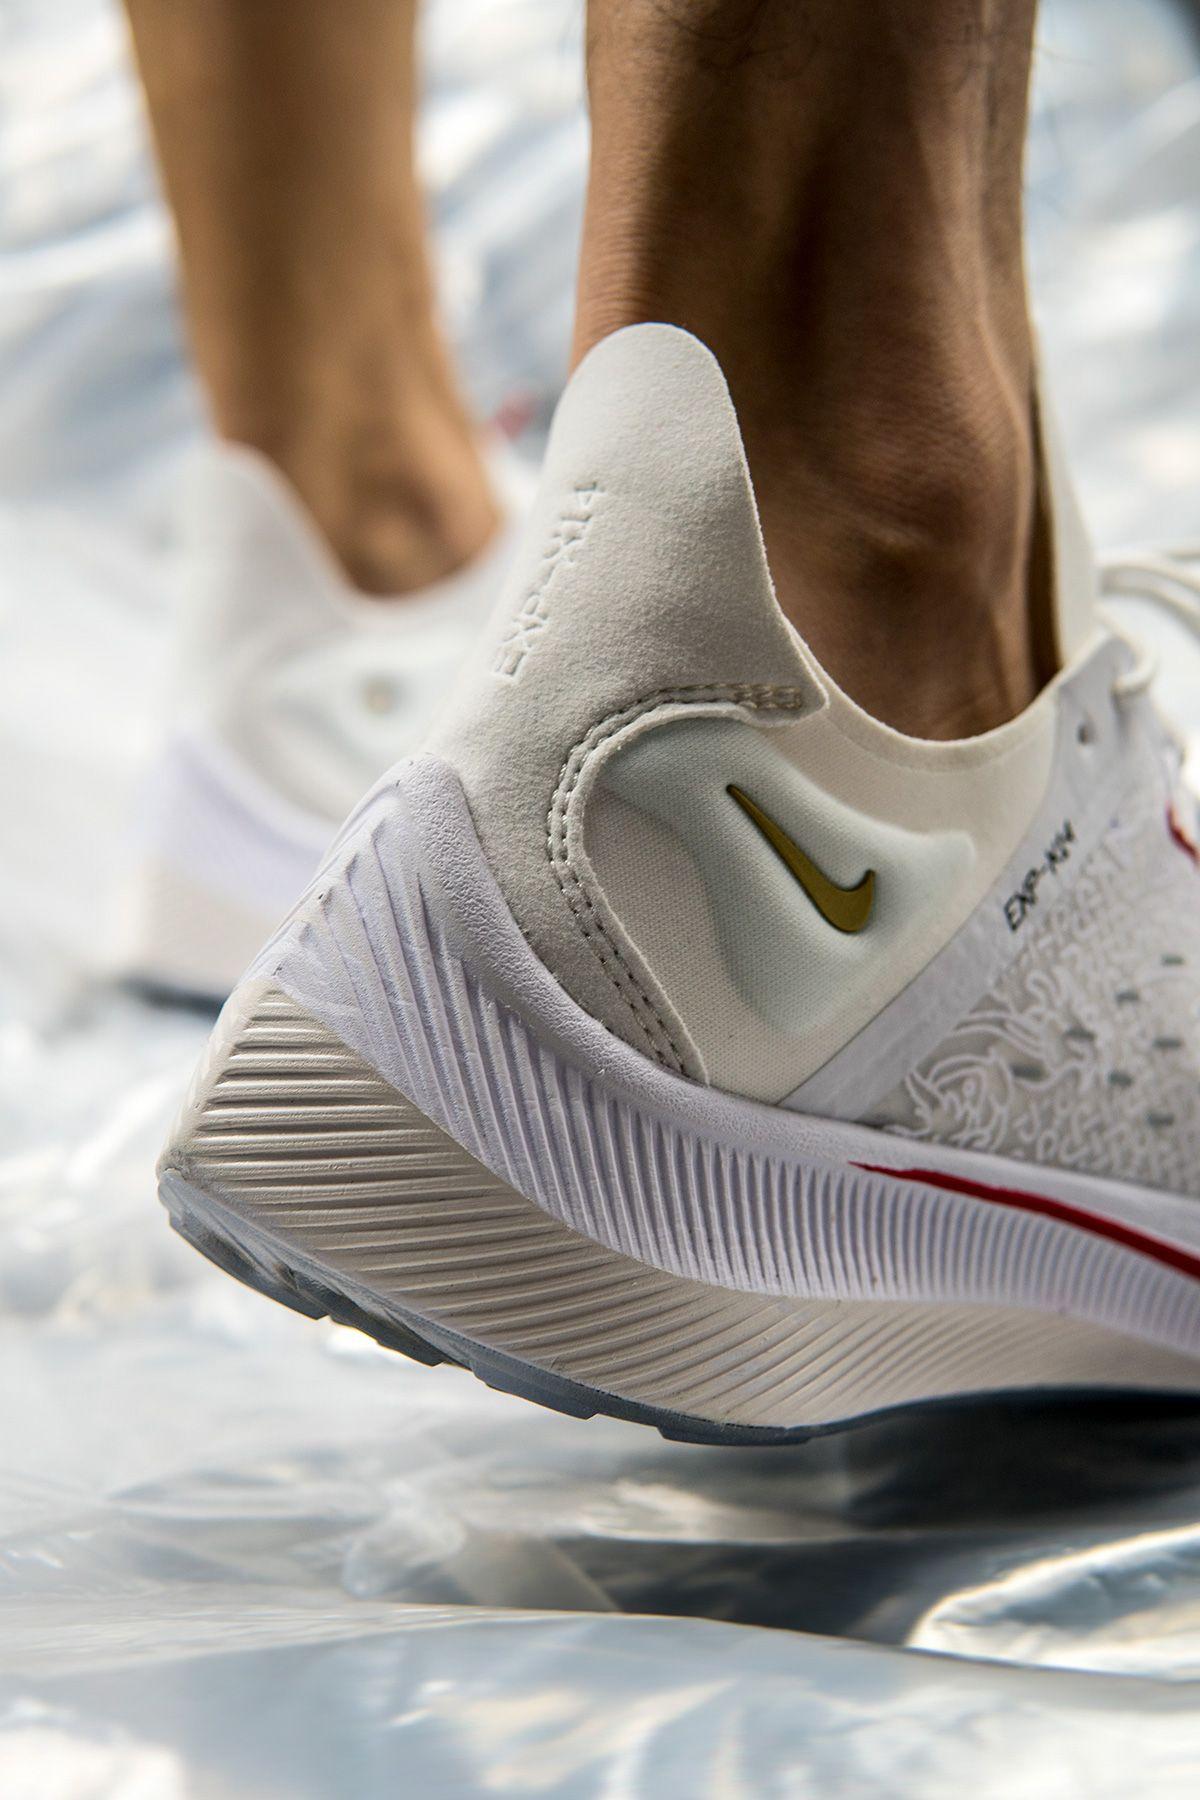 new product 18a8e 07194 BV0076-100,EXP-X14,Nike BV0076-100 入手难度不低!中国限定 Nike EXP-X14 CR7 上脚效果如何?